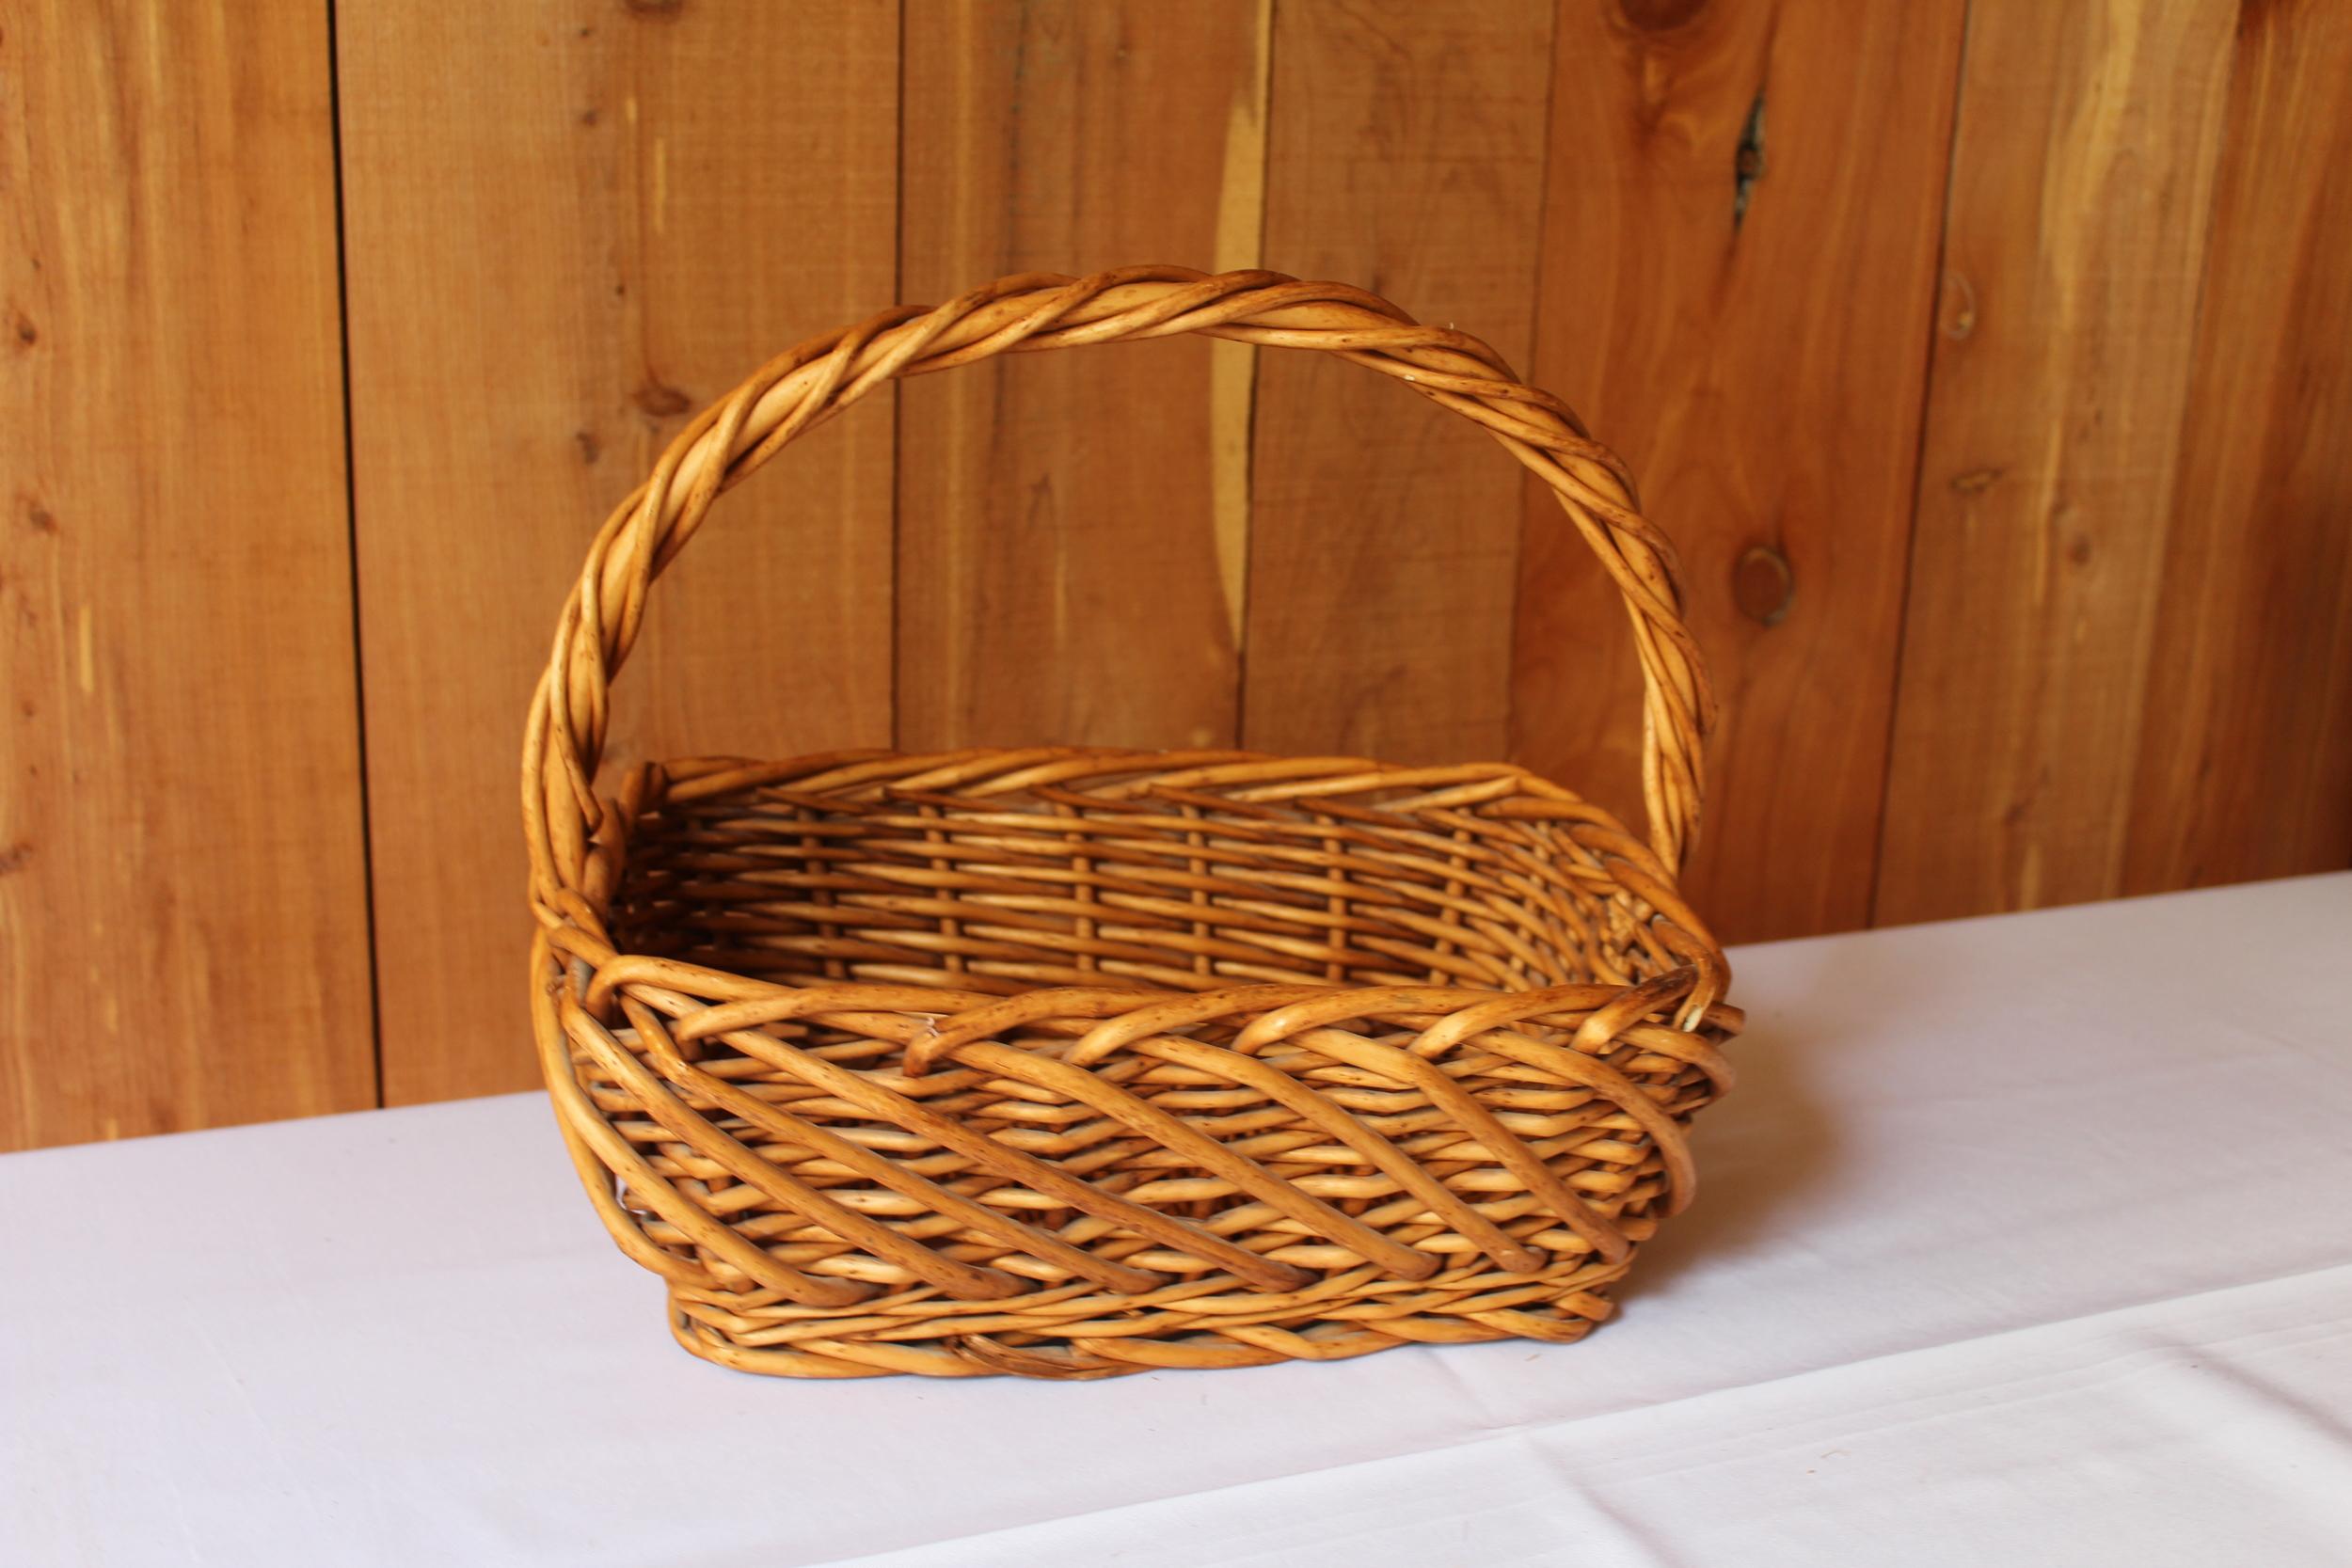 #72 - Wicker Basket